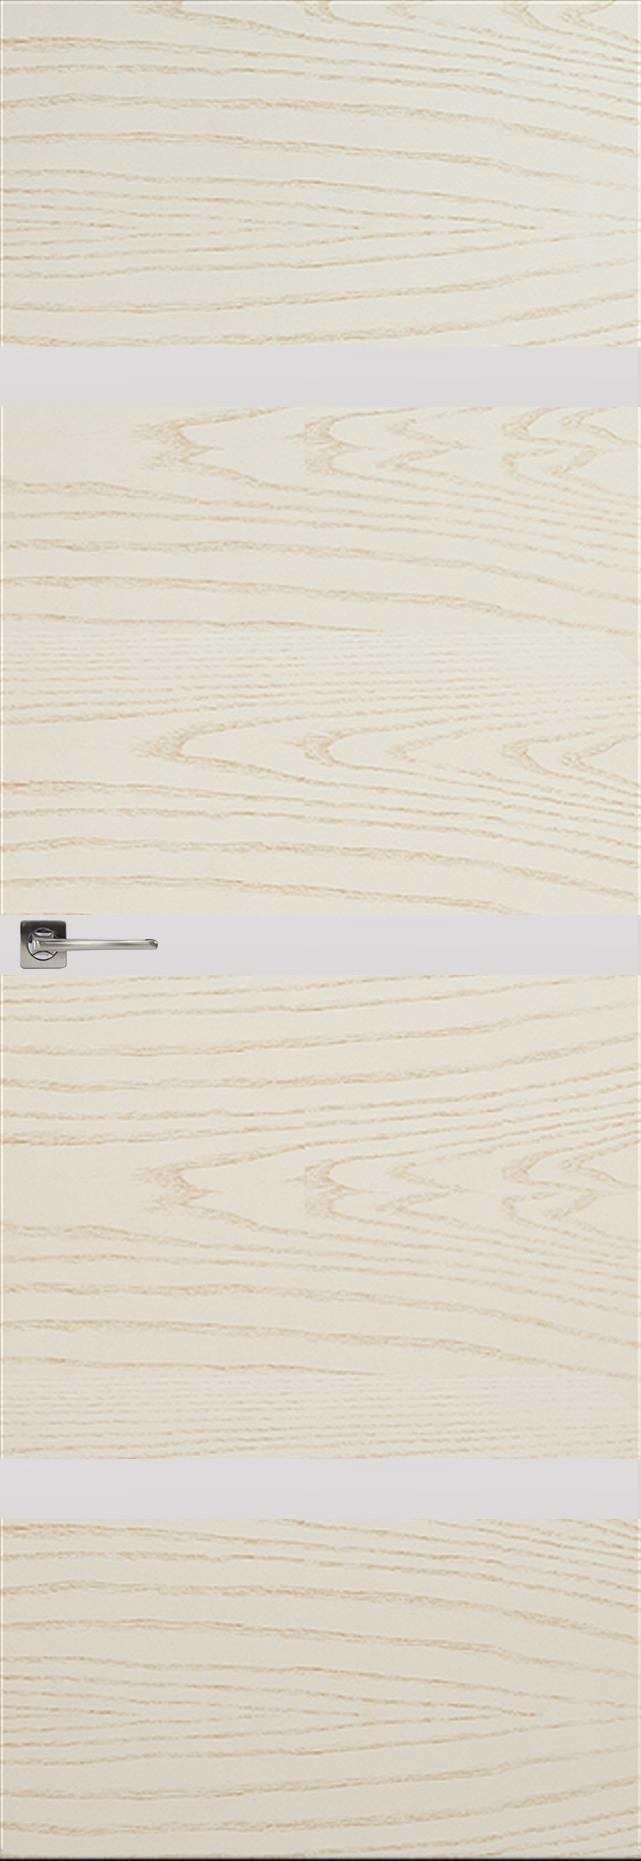 Tivoli Г-4 Invisible цвет - Ясень бежевая эмаль Без стекла (ДГ)